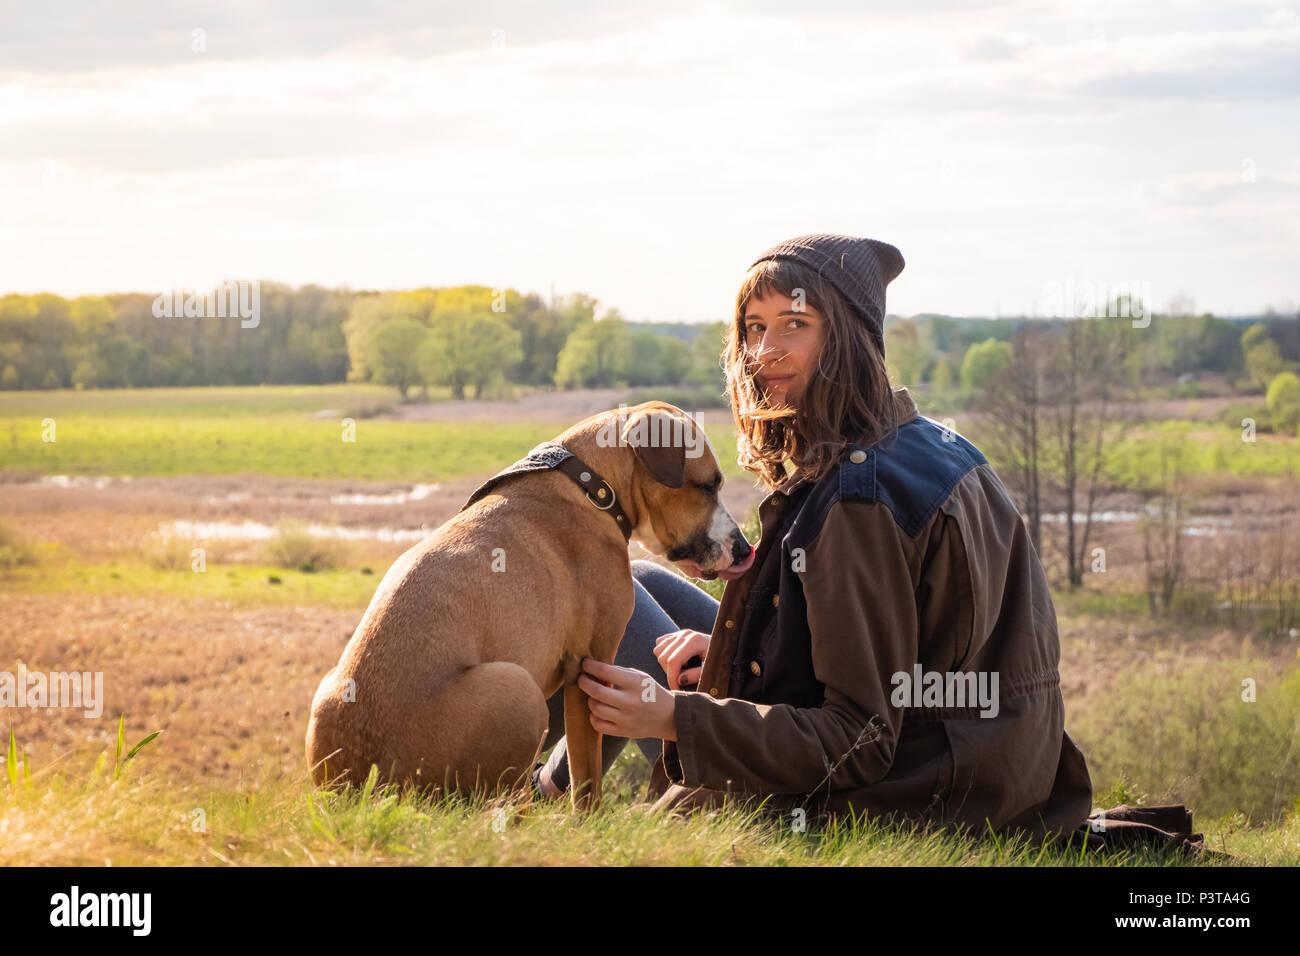 Schöne Wanderwege Mädchen sitzen auf einem Hügel mit Hund bei Fuß. Junge weibliche Person zusammen mit Staffordshire Terrier an der Wiese auf warmen sonnigen Nachmittag Stockbild